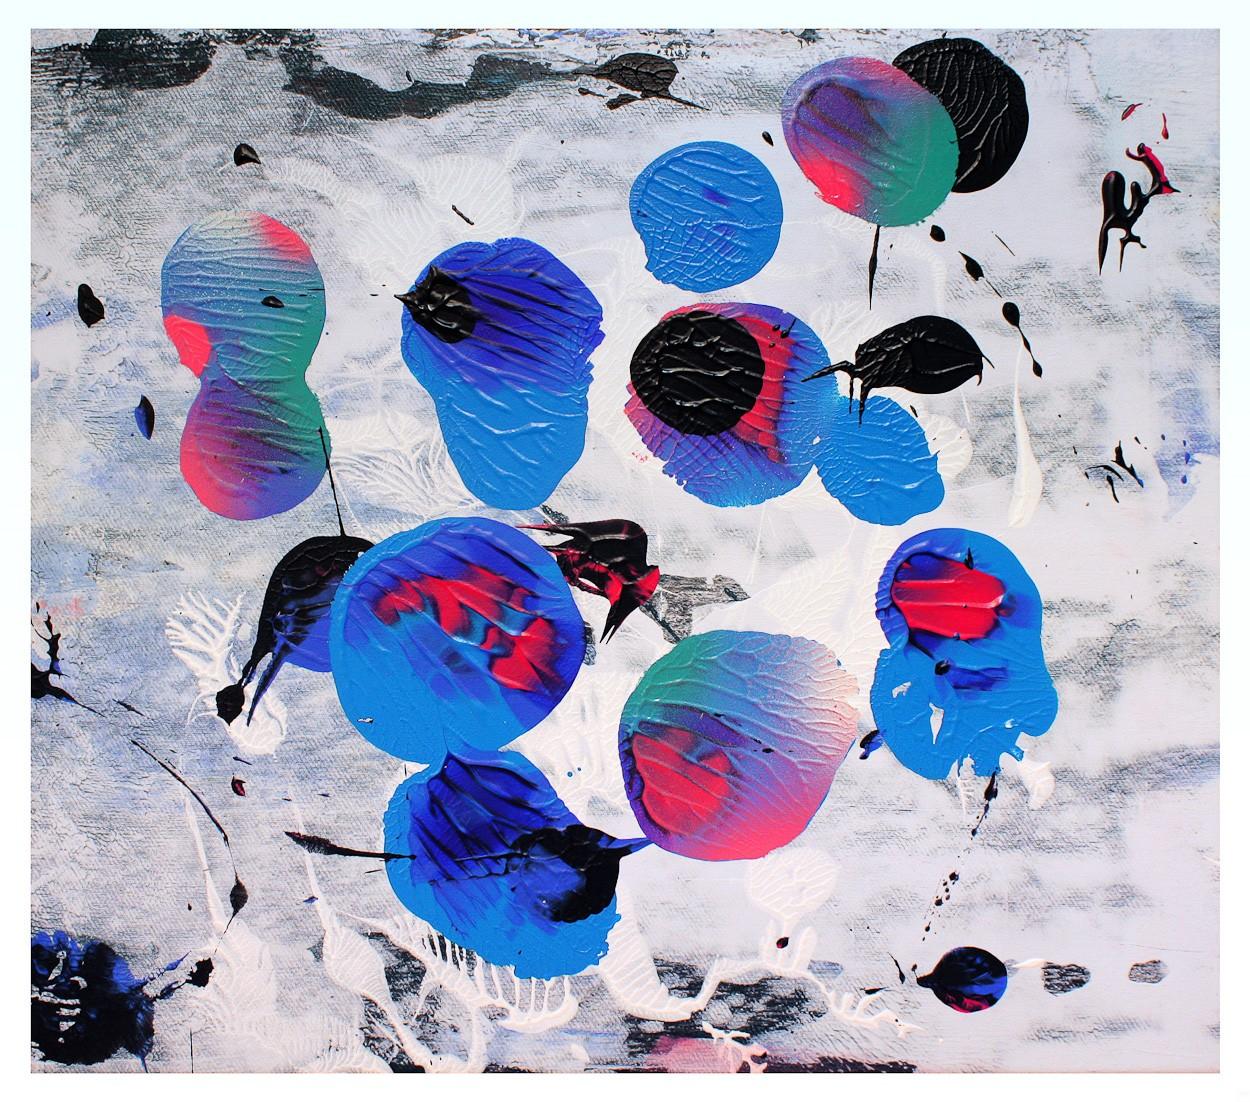 o.T. S1_24 FarbeHolz | Malerei von Malwin Faber | Acryl, Sprühlack auf Leinwand, abstrakt